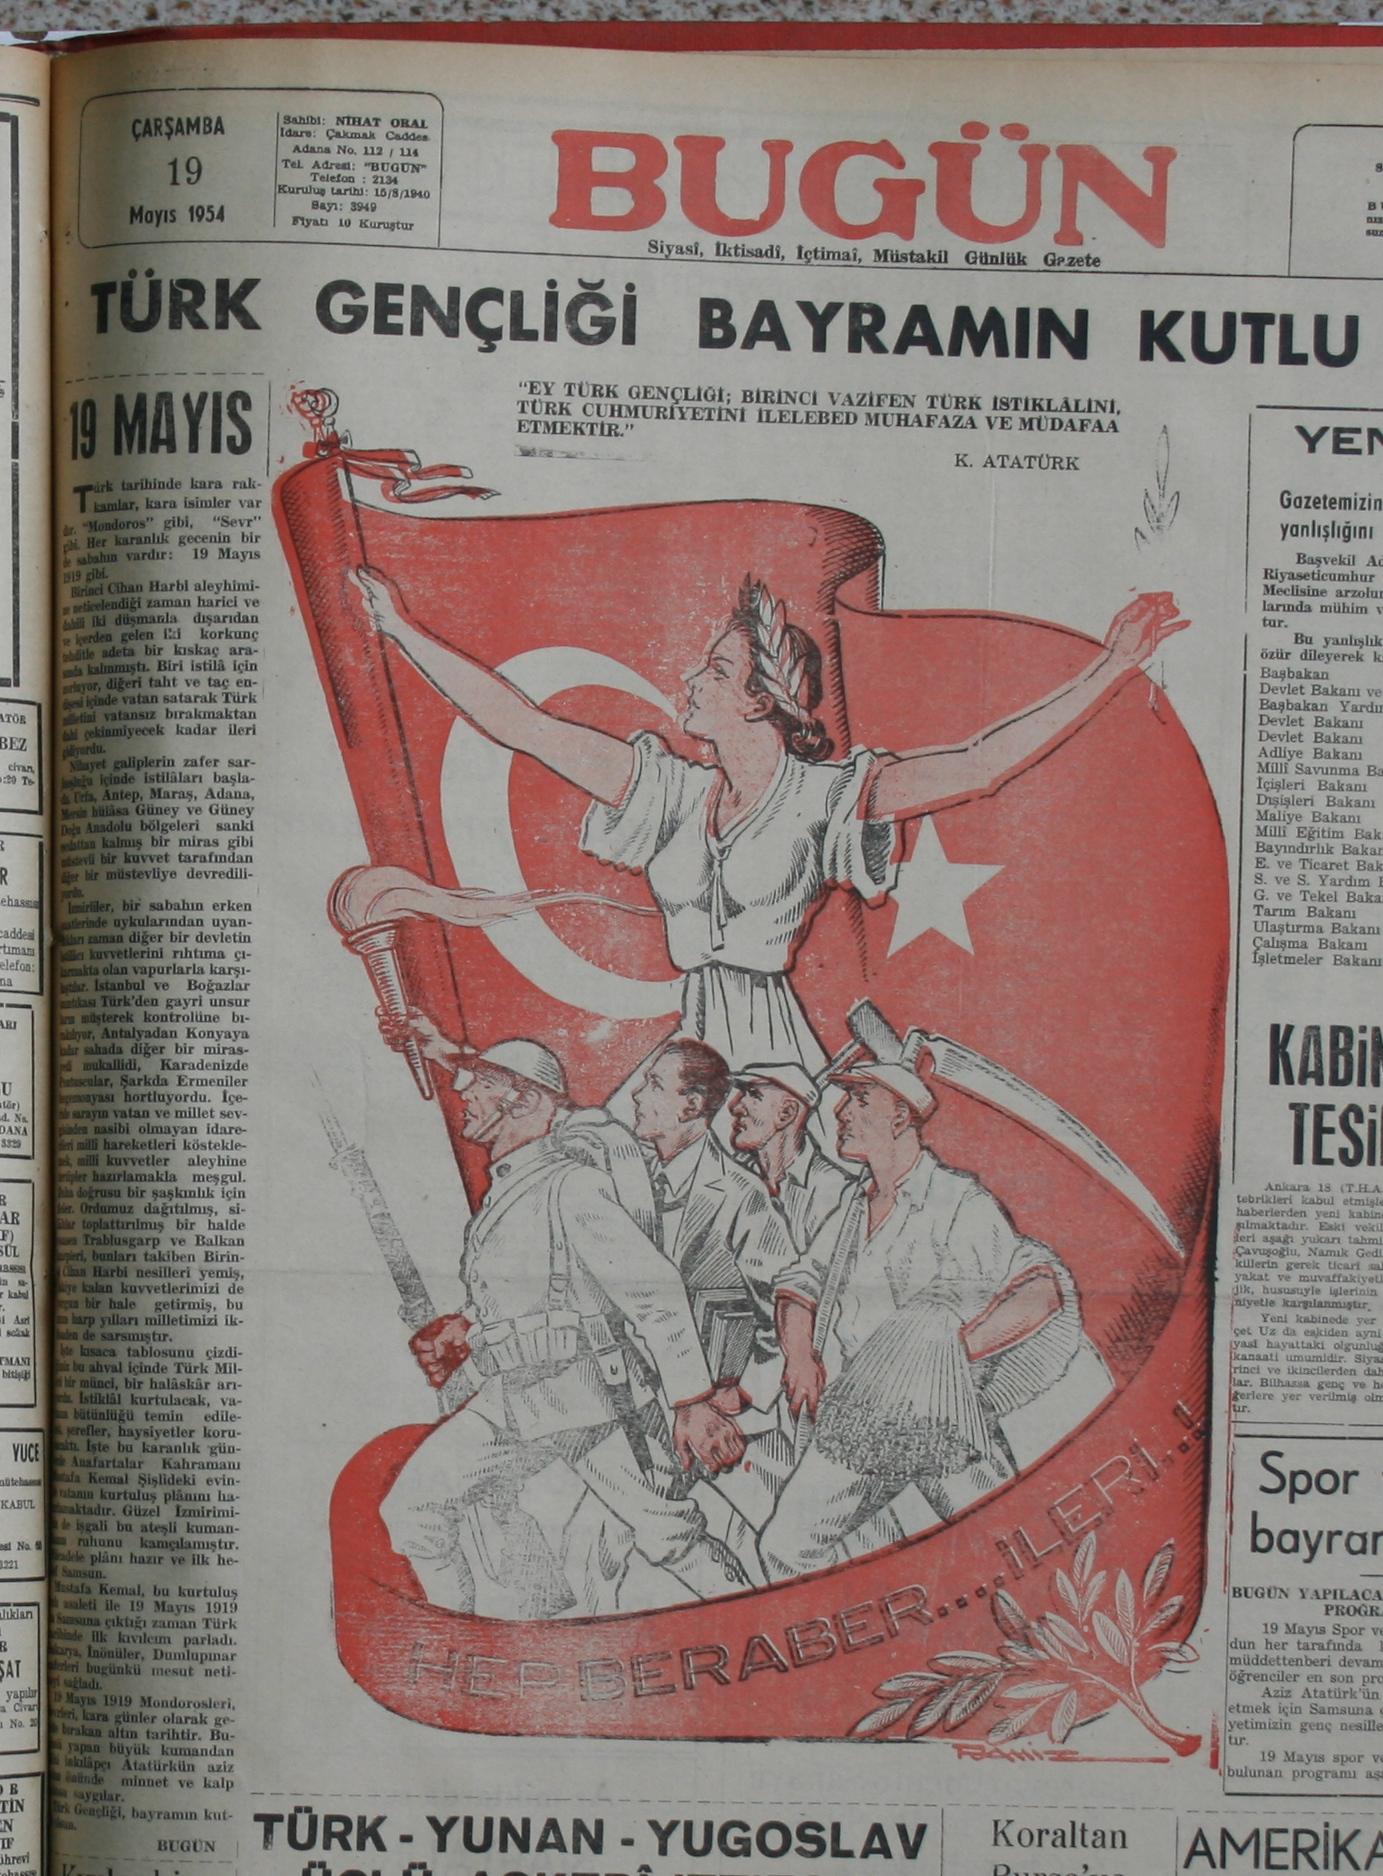 1954-05-19-bugun-gazetesi-mg-5968.JPG